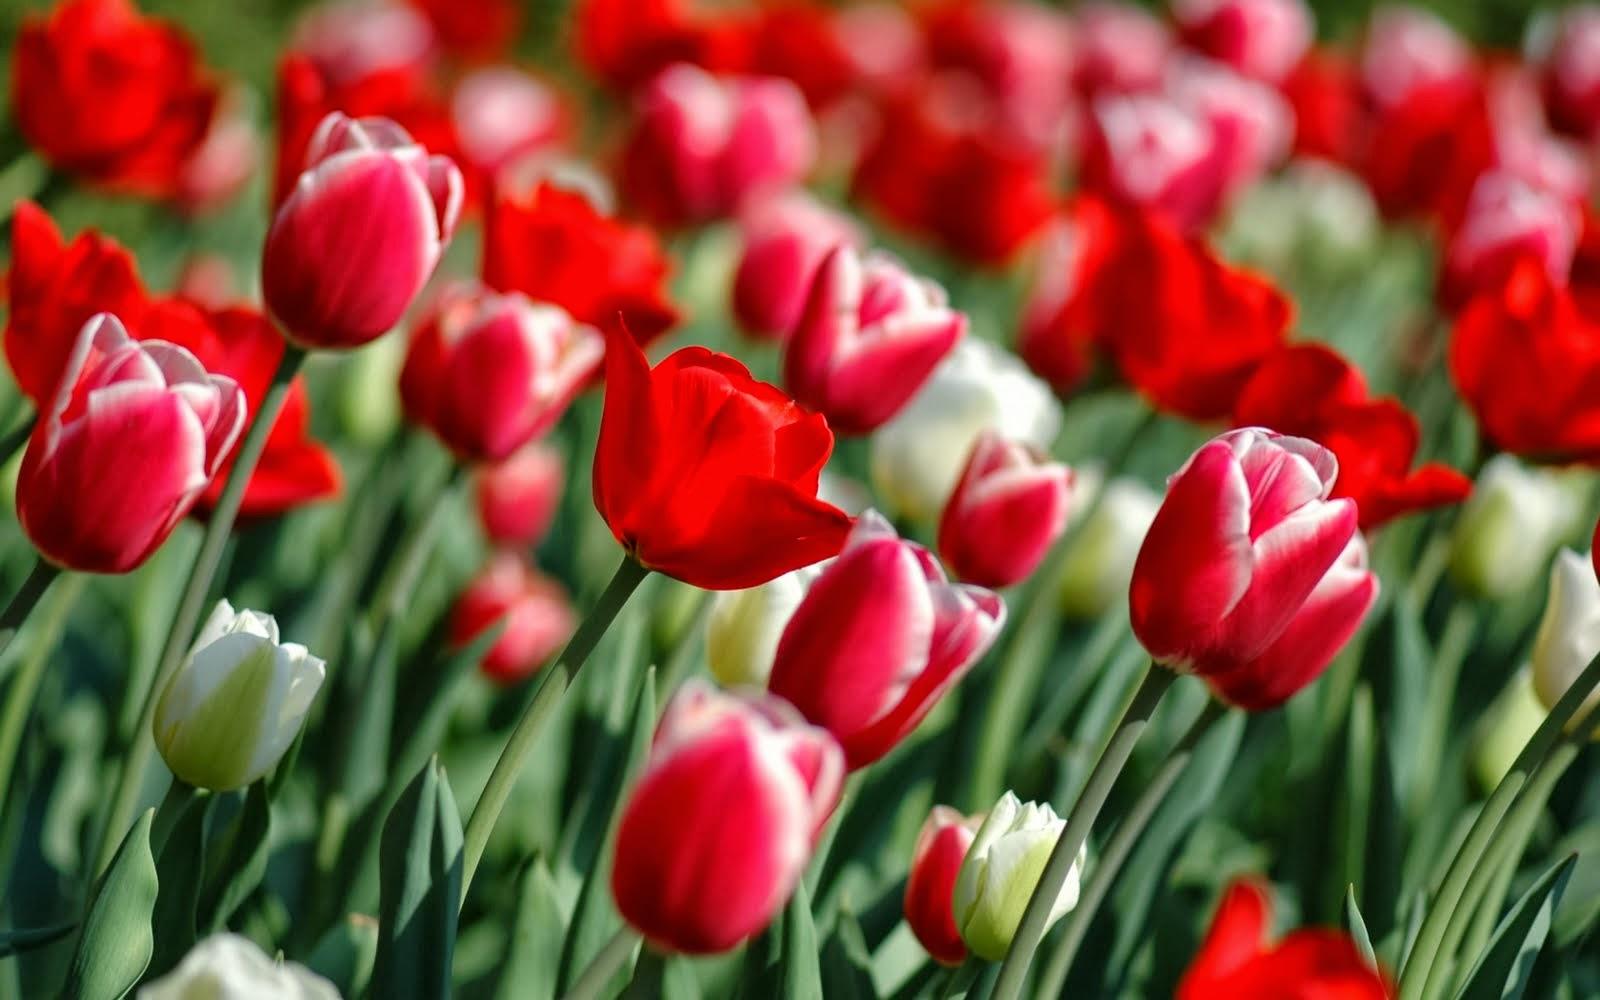 Gambar Bunga — Download Gambar Bunga dan Tanaman Gratis